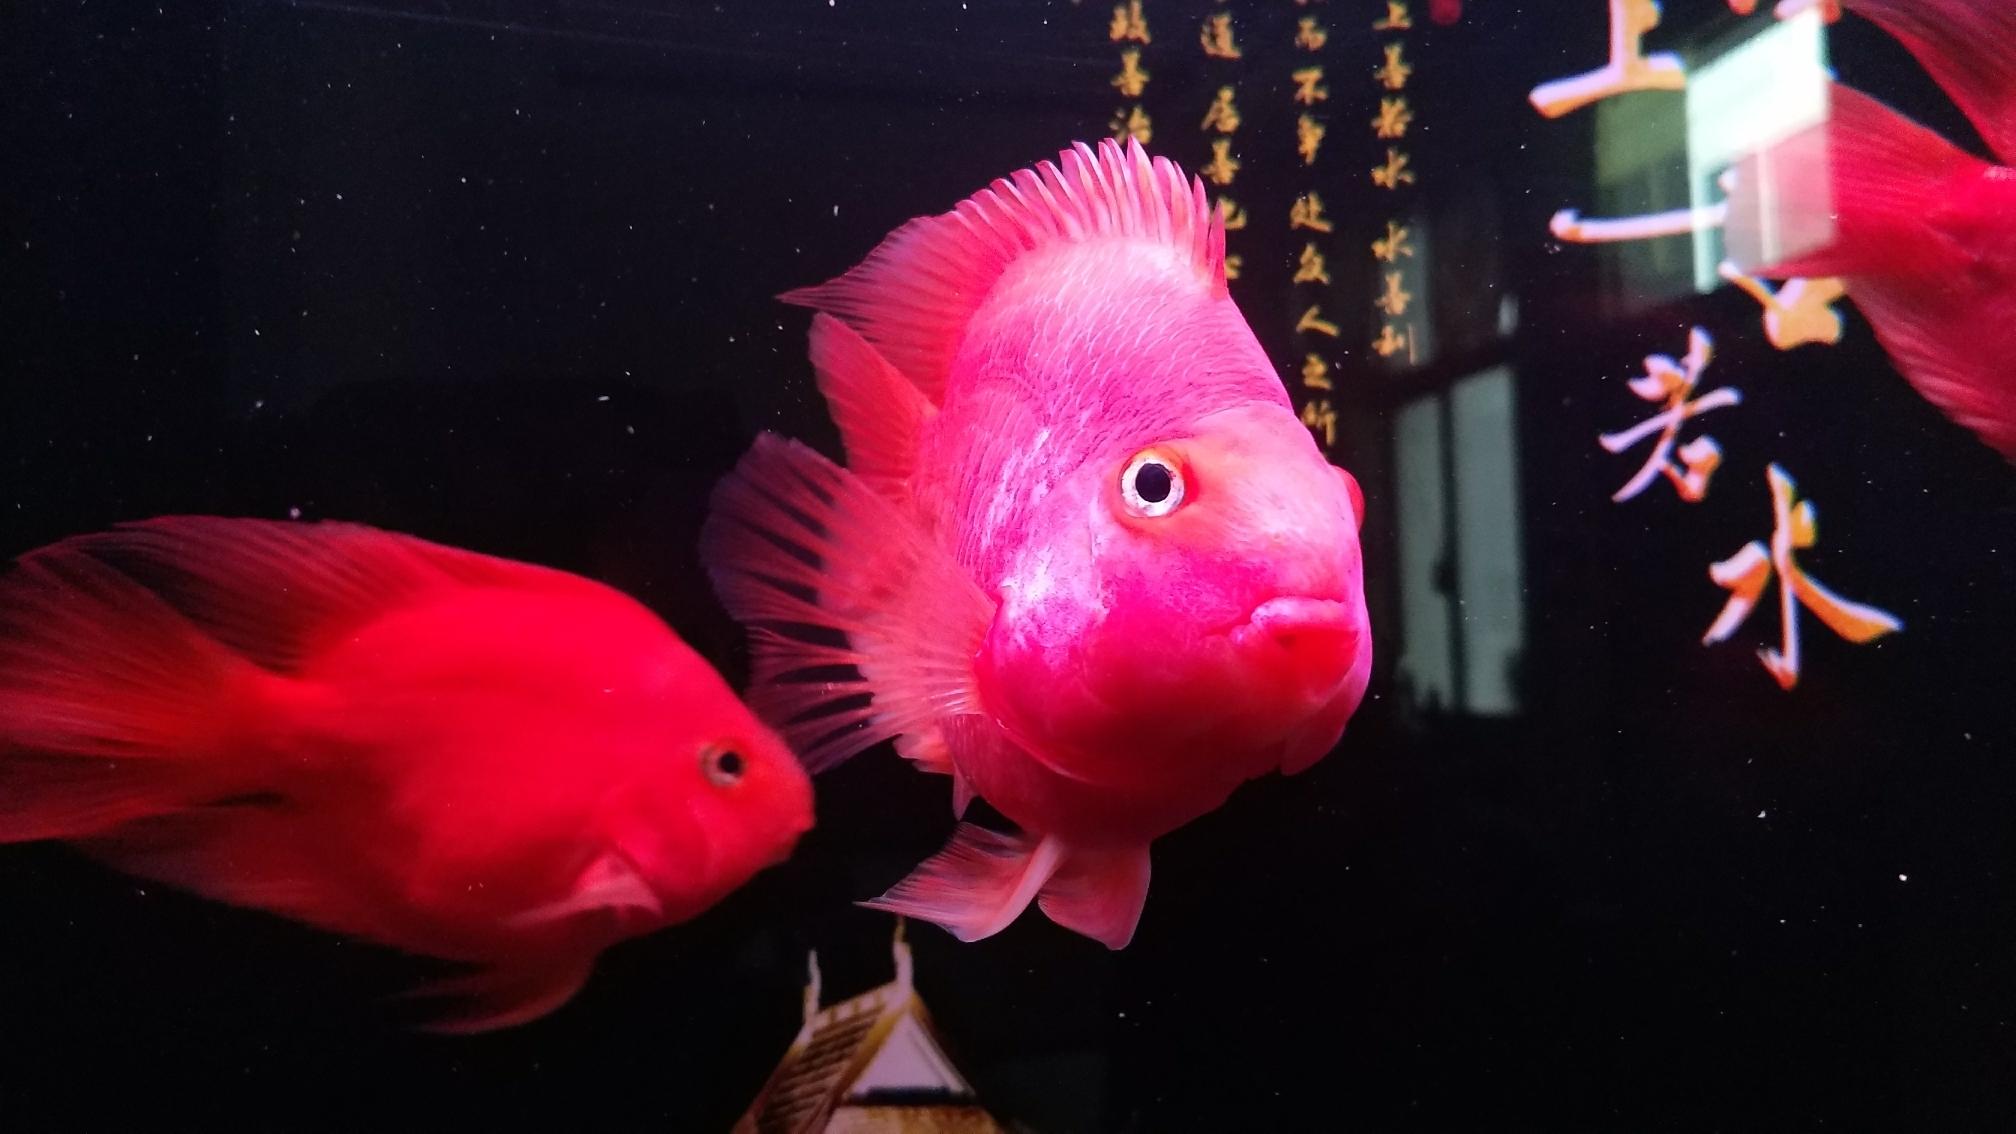 新添红白鹦鹉鱼 合肥观赏鱼 合肥龙鱼第6张